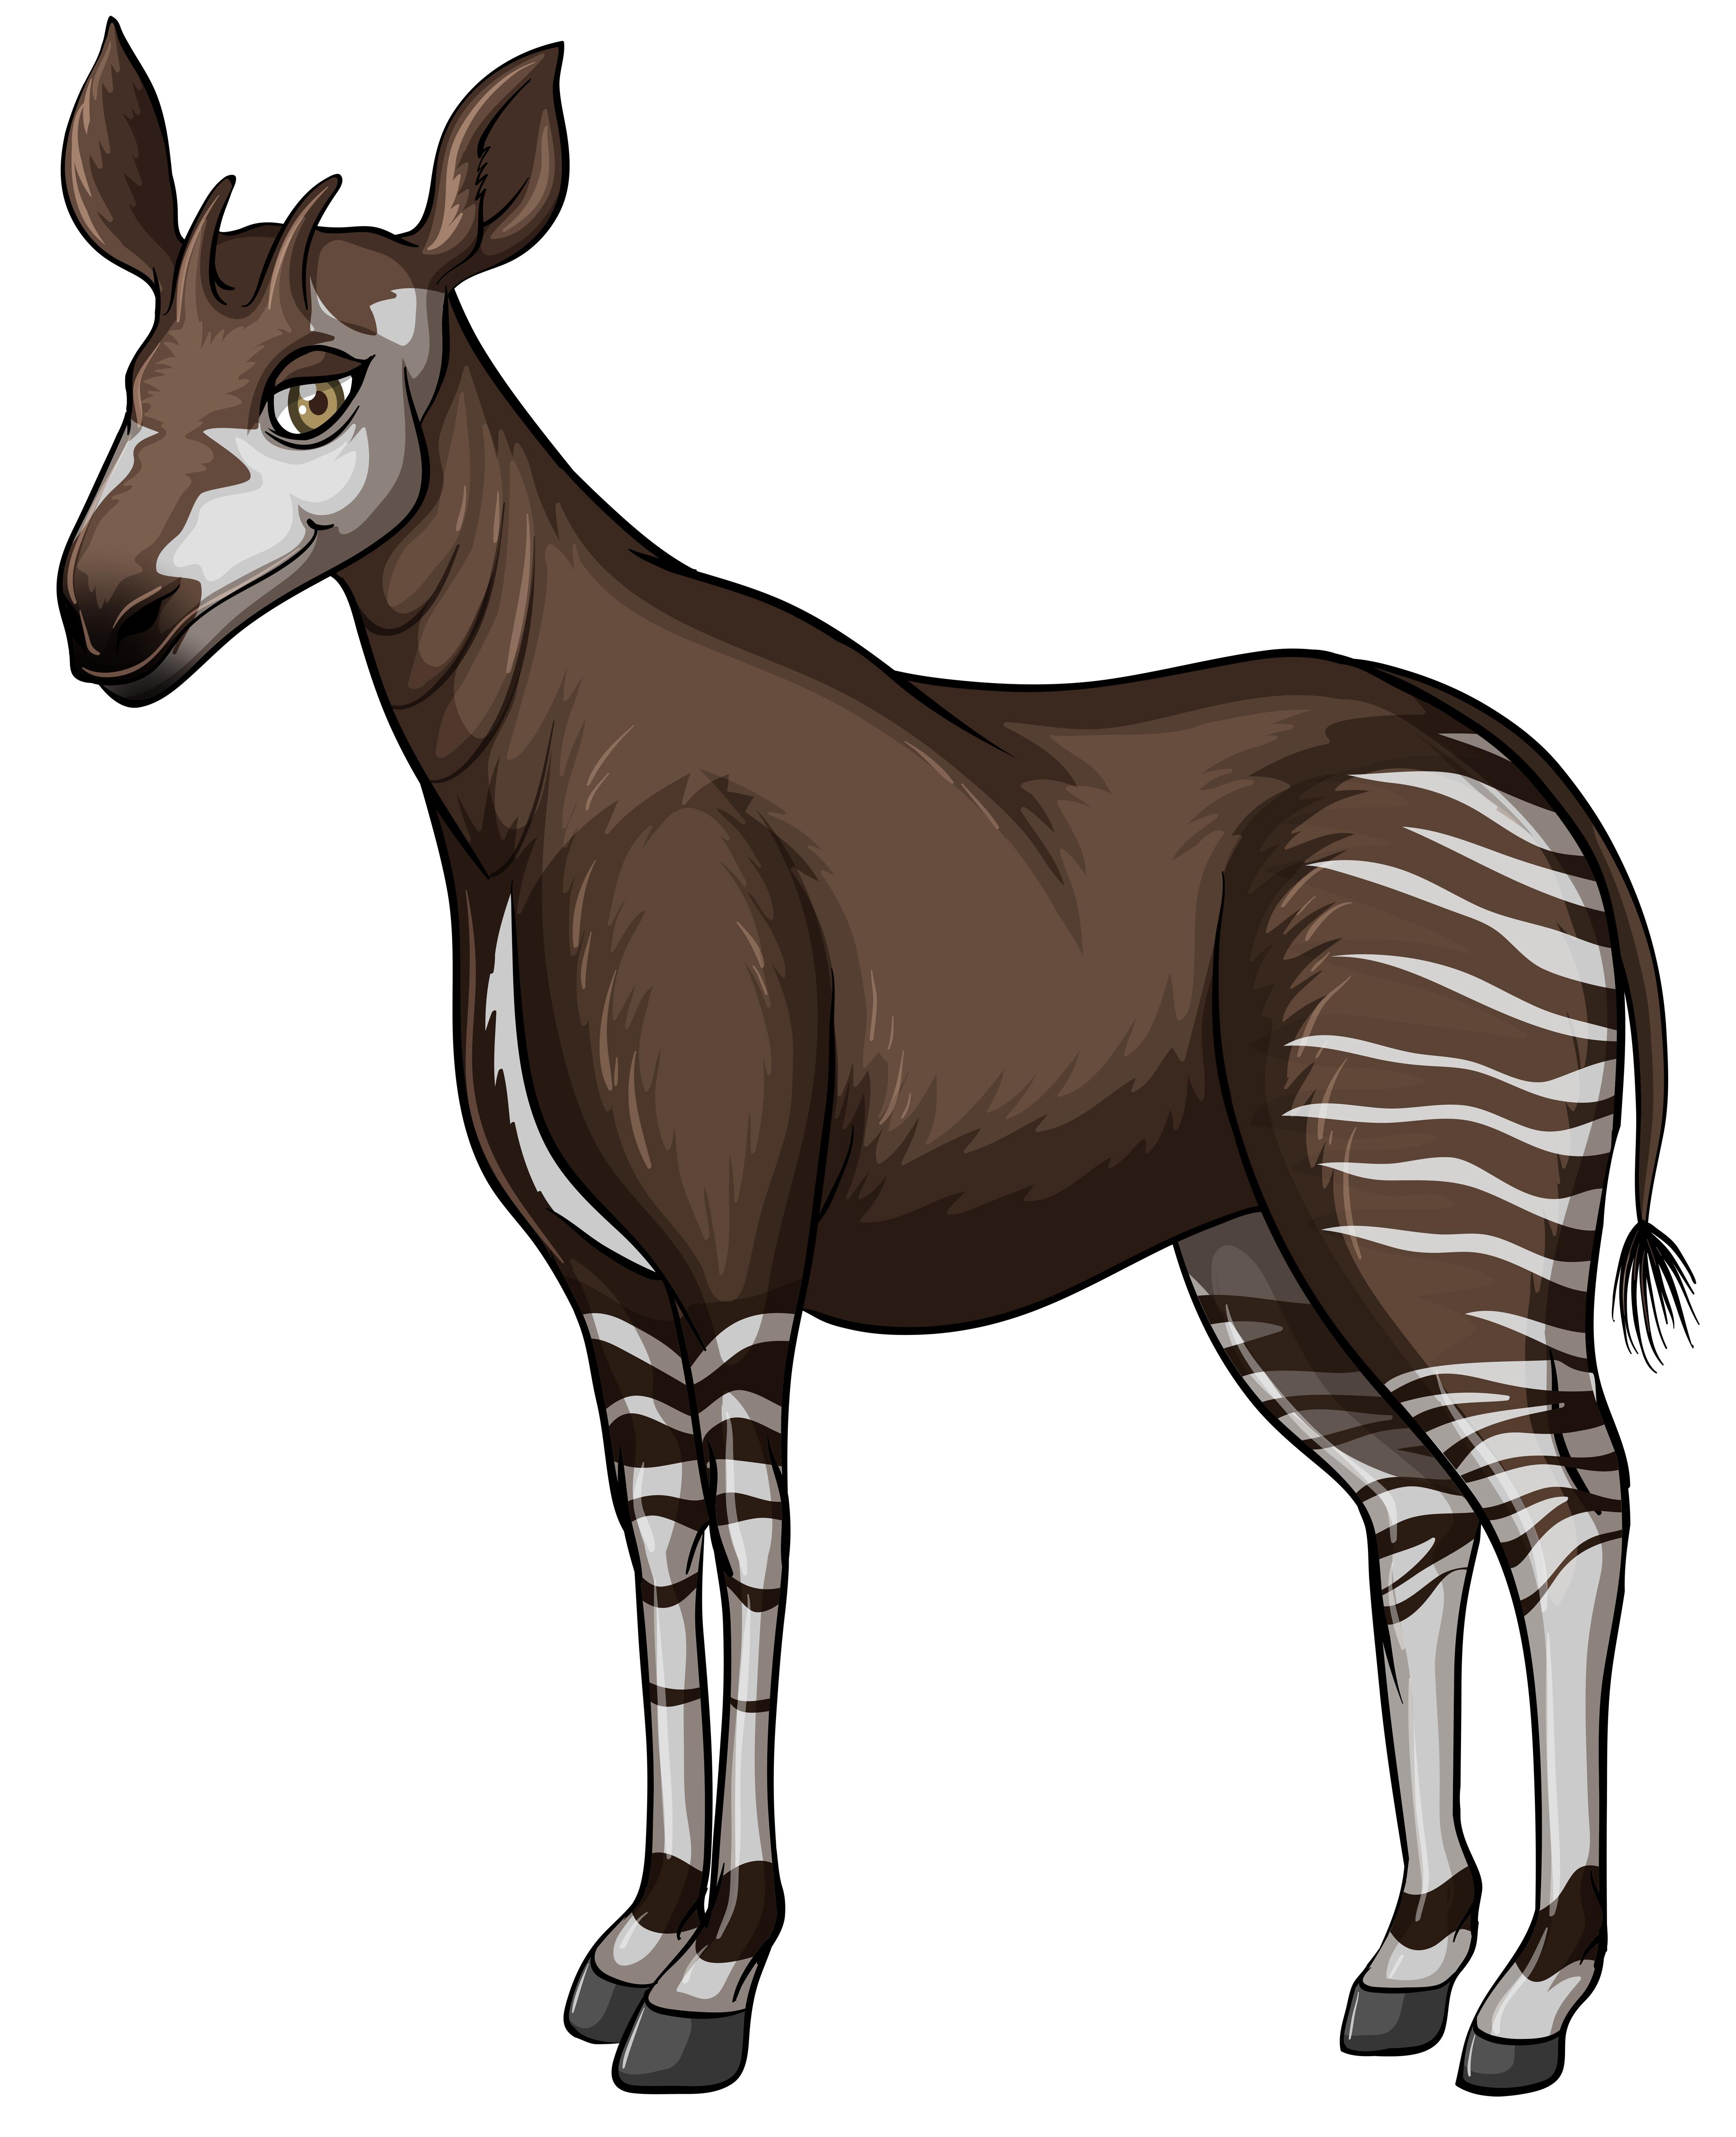 Okapi - Download Free Vectors, Clipart Graphics & Vector Art